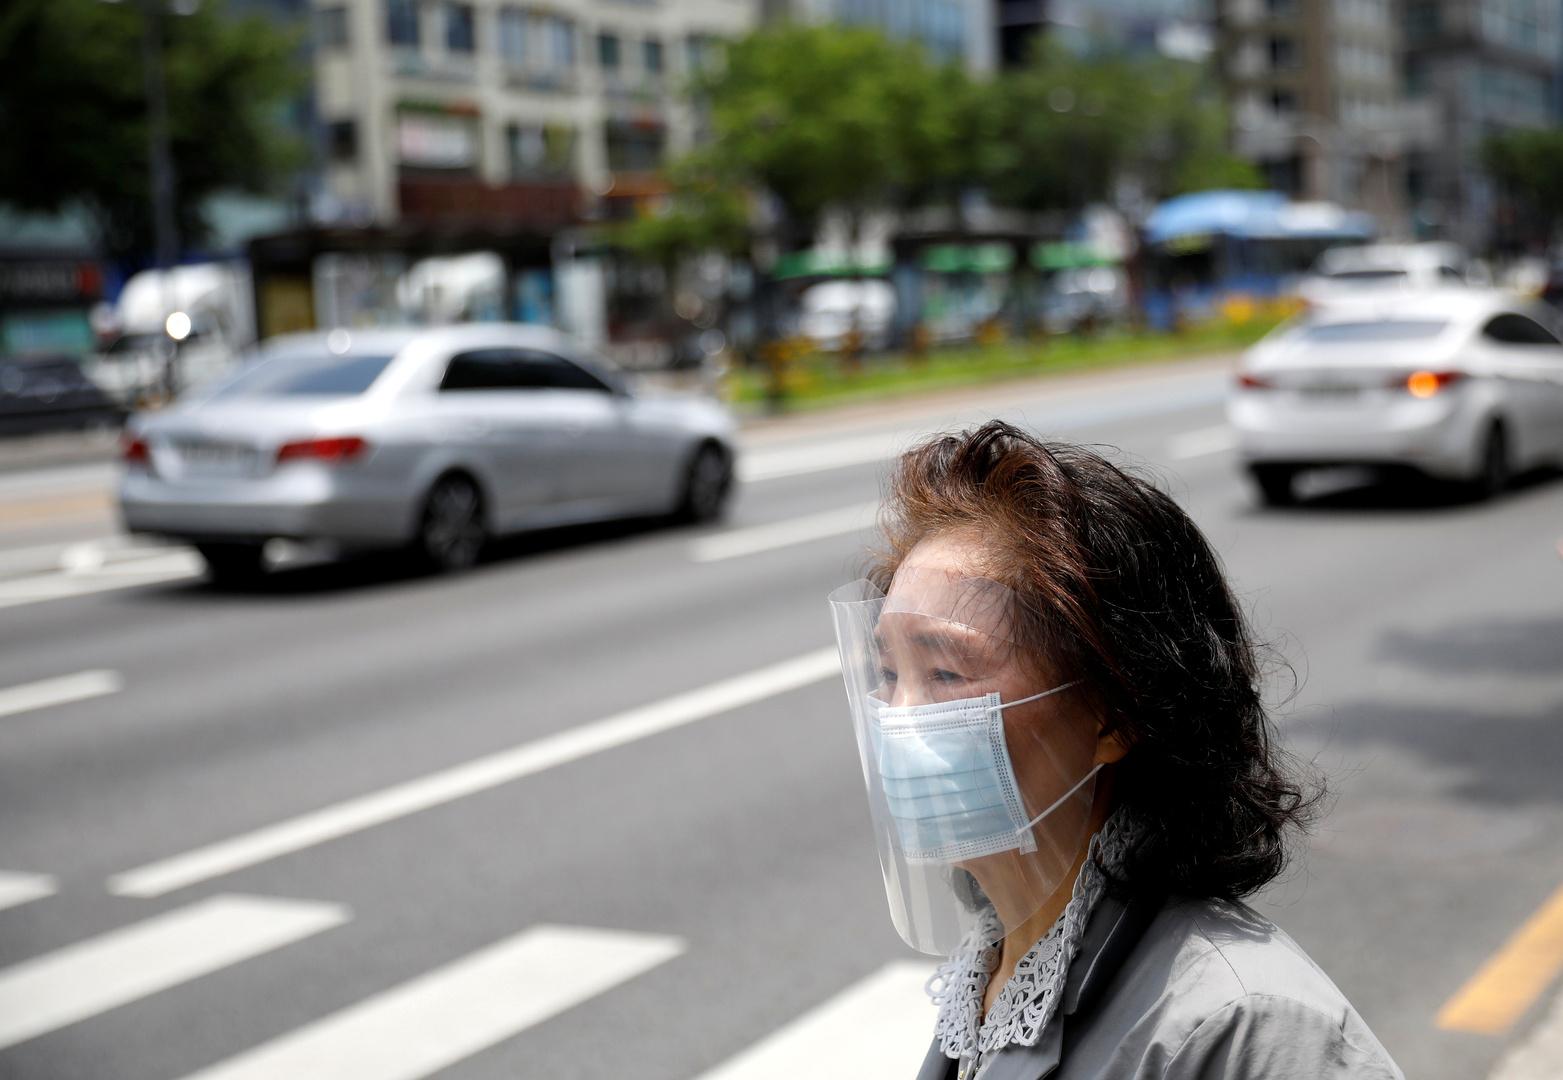 كورونا في كوريا الجنوبية.. زيادة في الإصابات المحلية رغم تراجع وتيرة الوباء